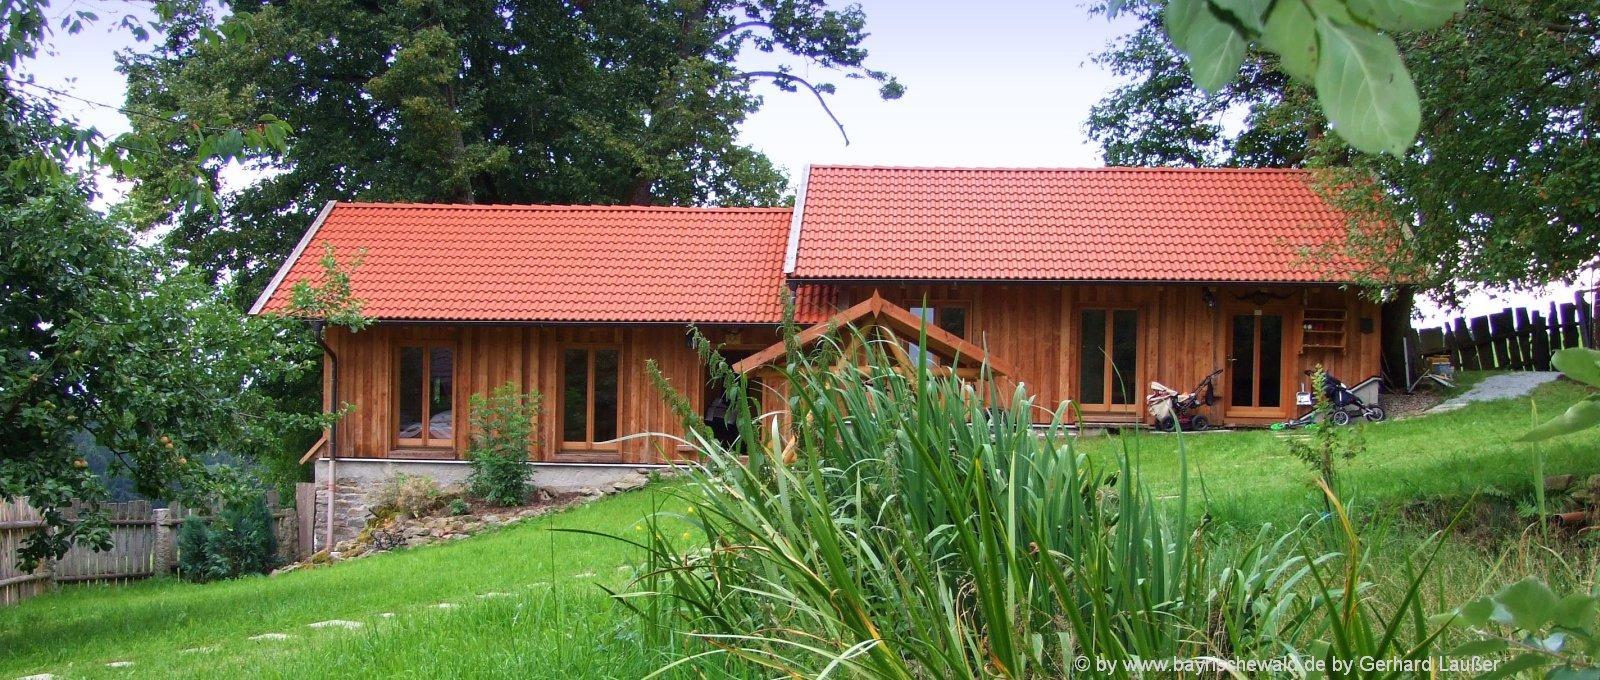 bayerischer-wald-ferienhaus-bayern-ferienhütten-ferienbungalow